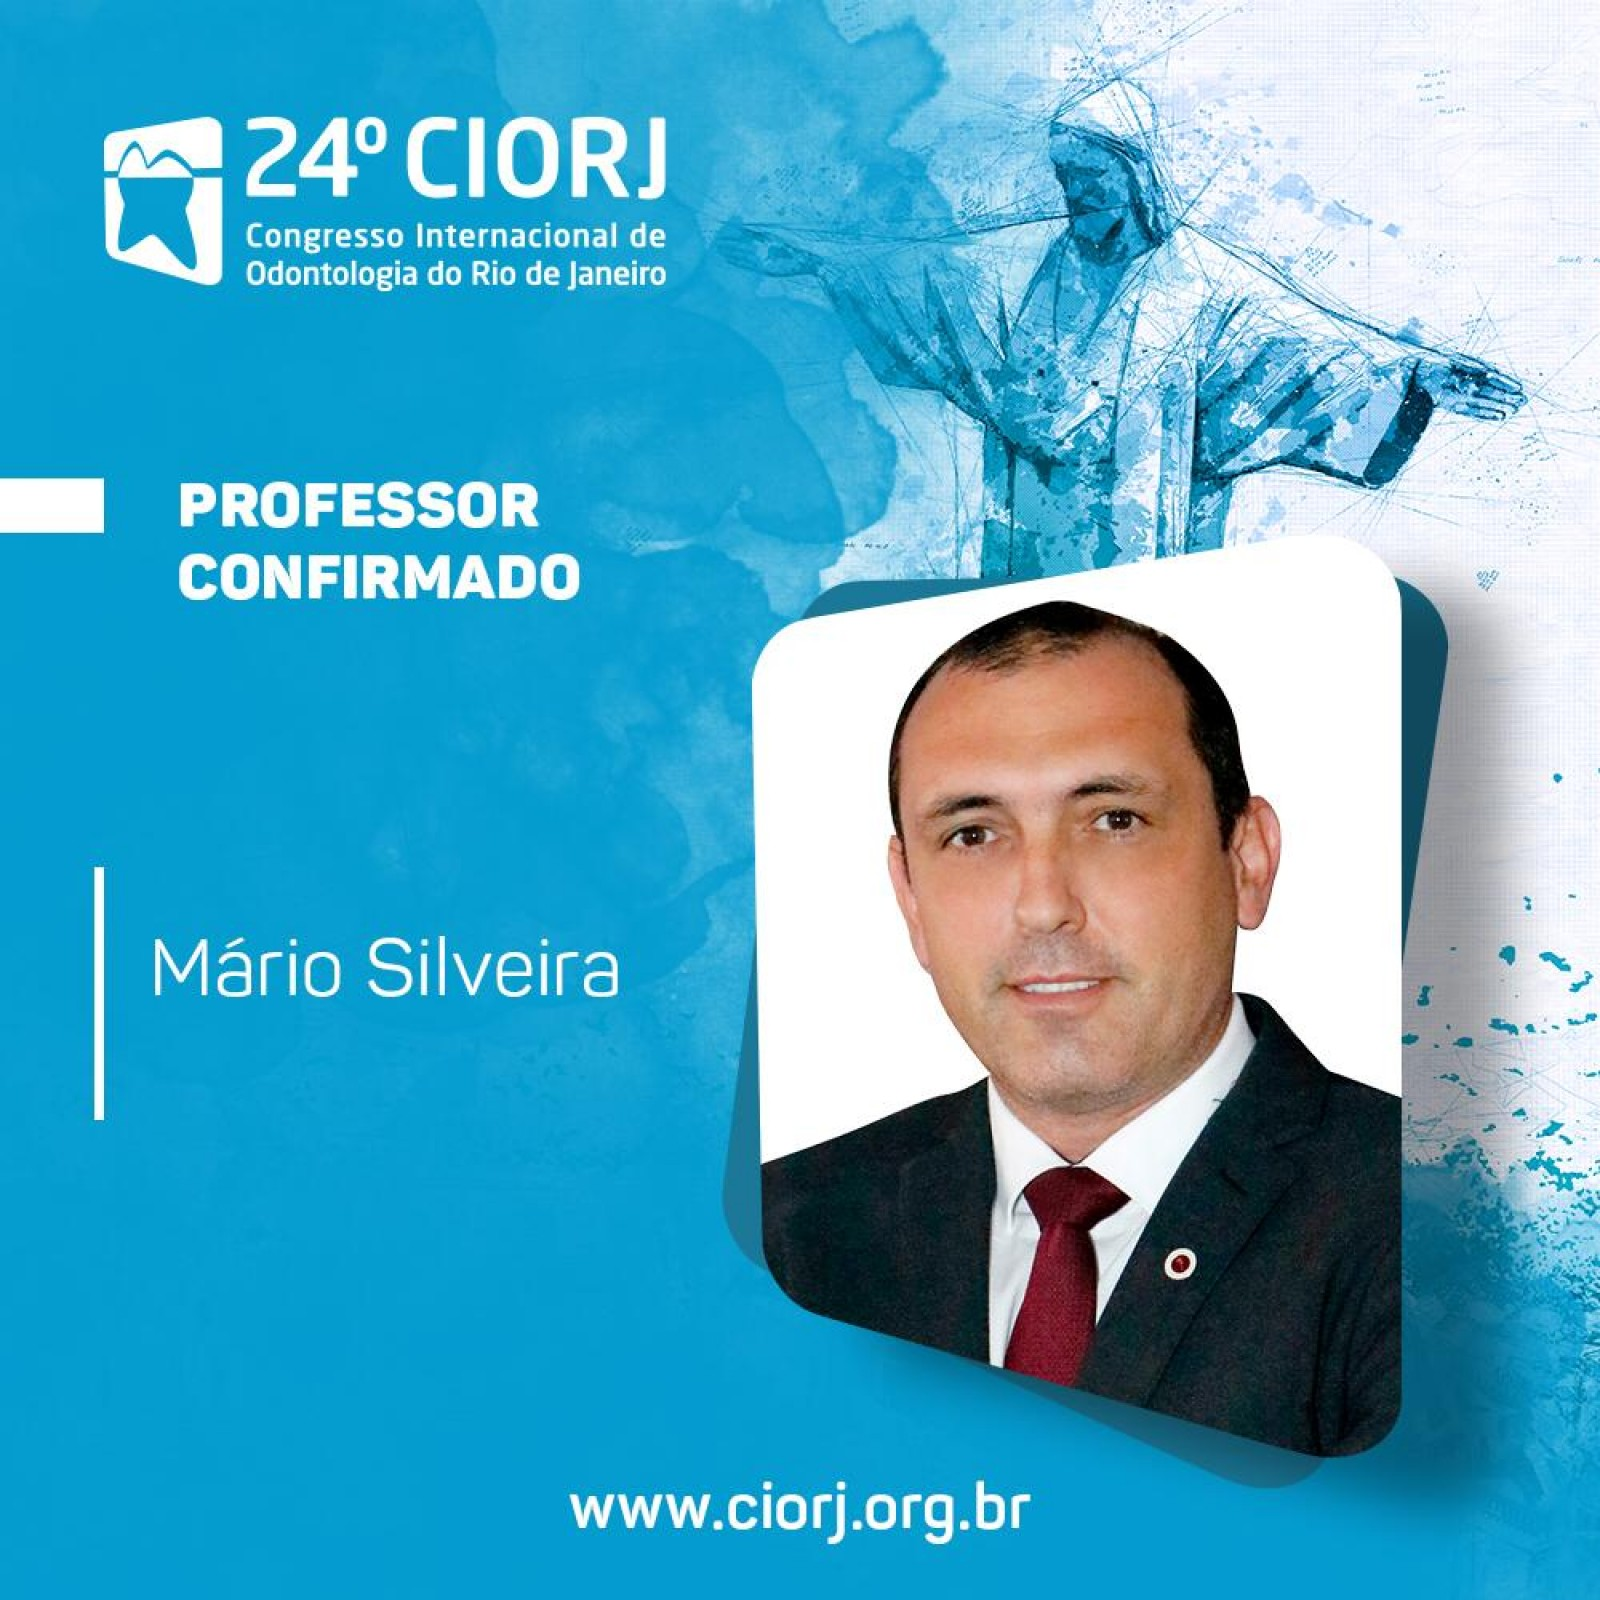 Professor Confirmado no CIORJ/2019